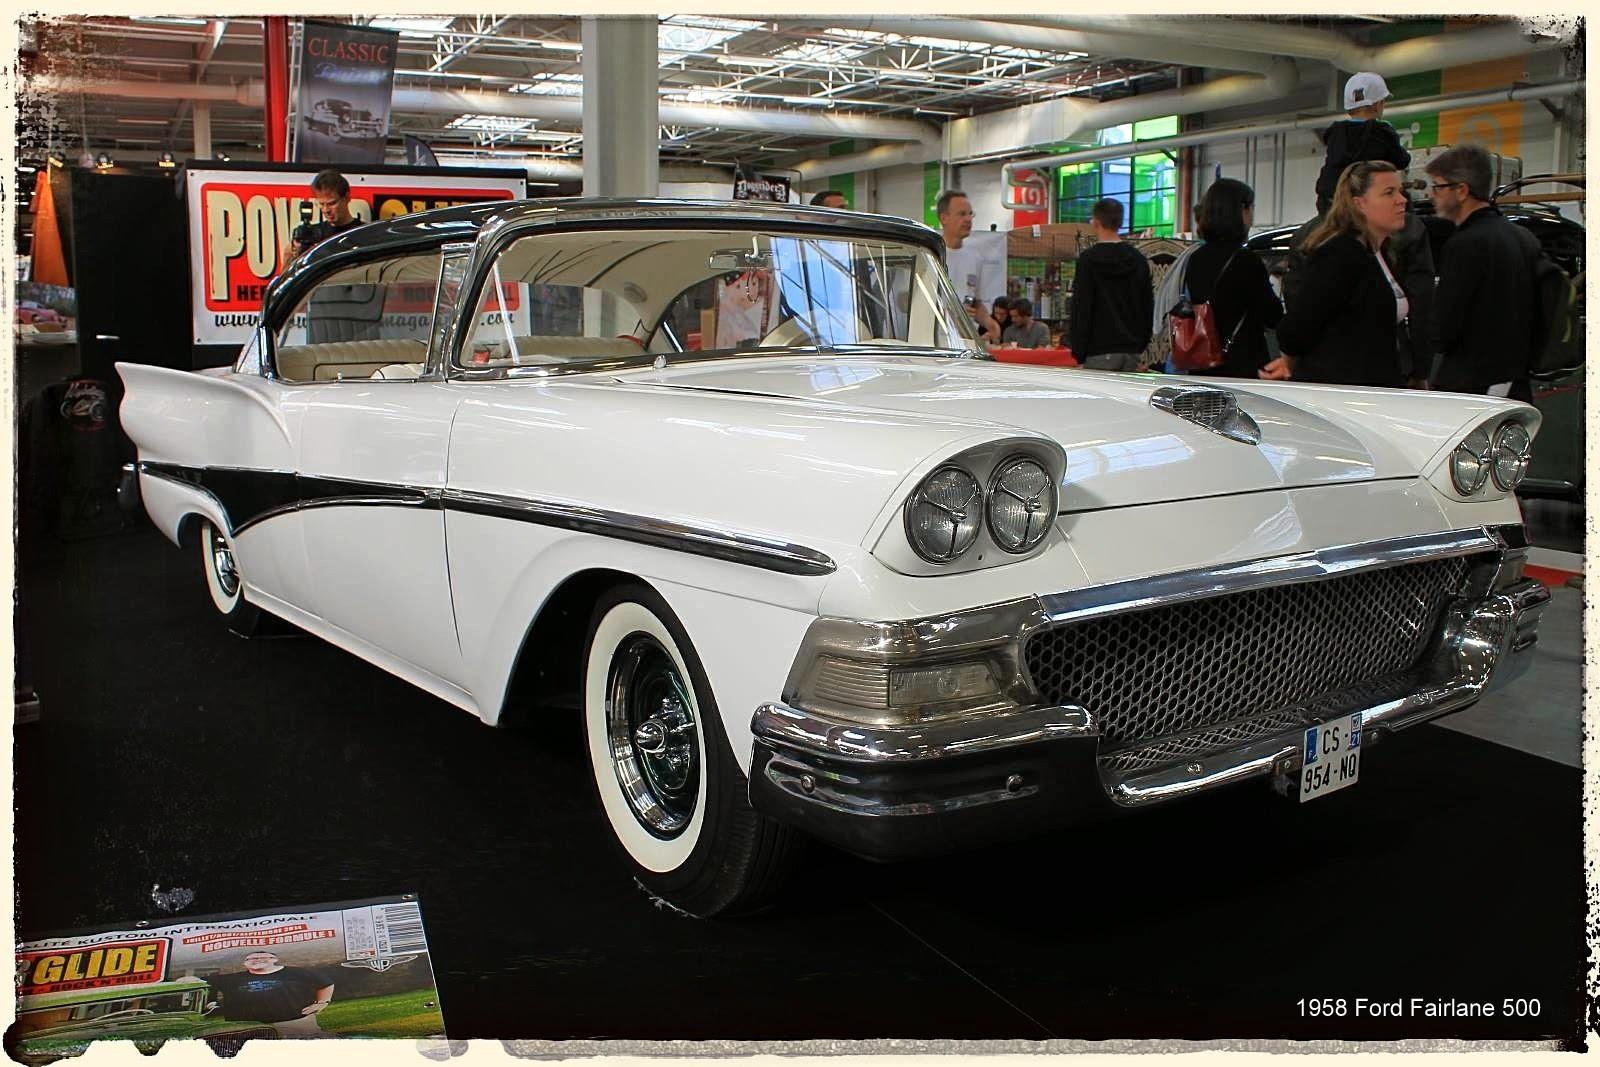 Automédon - Ford Fairlane 500 1958